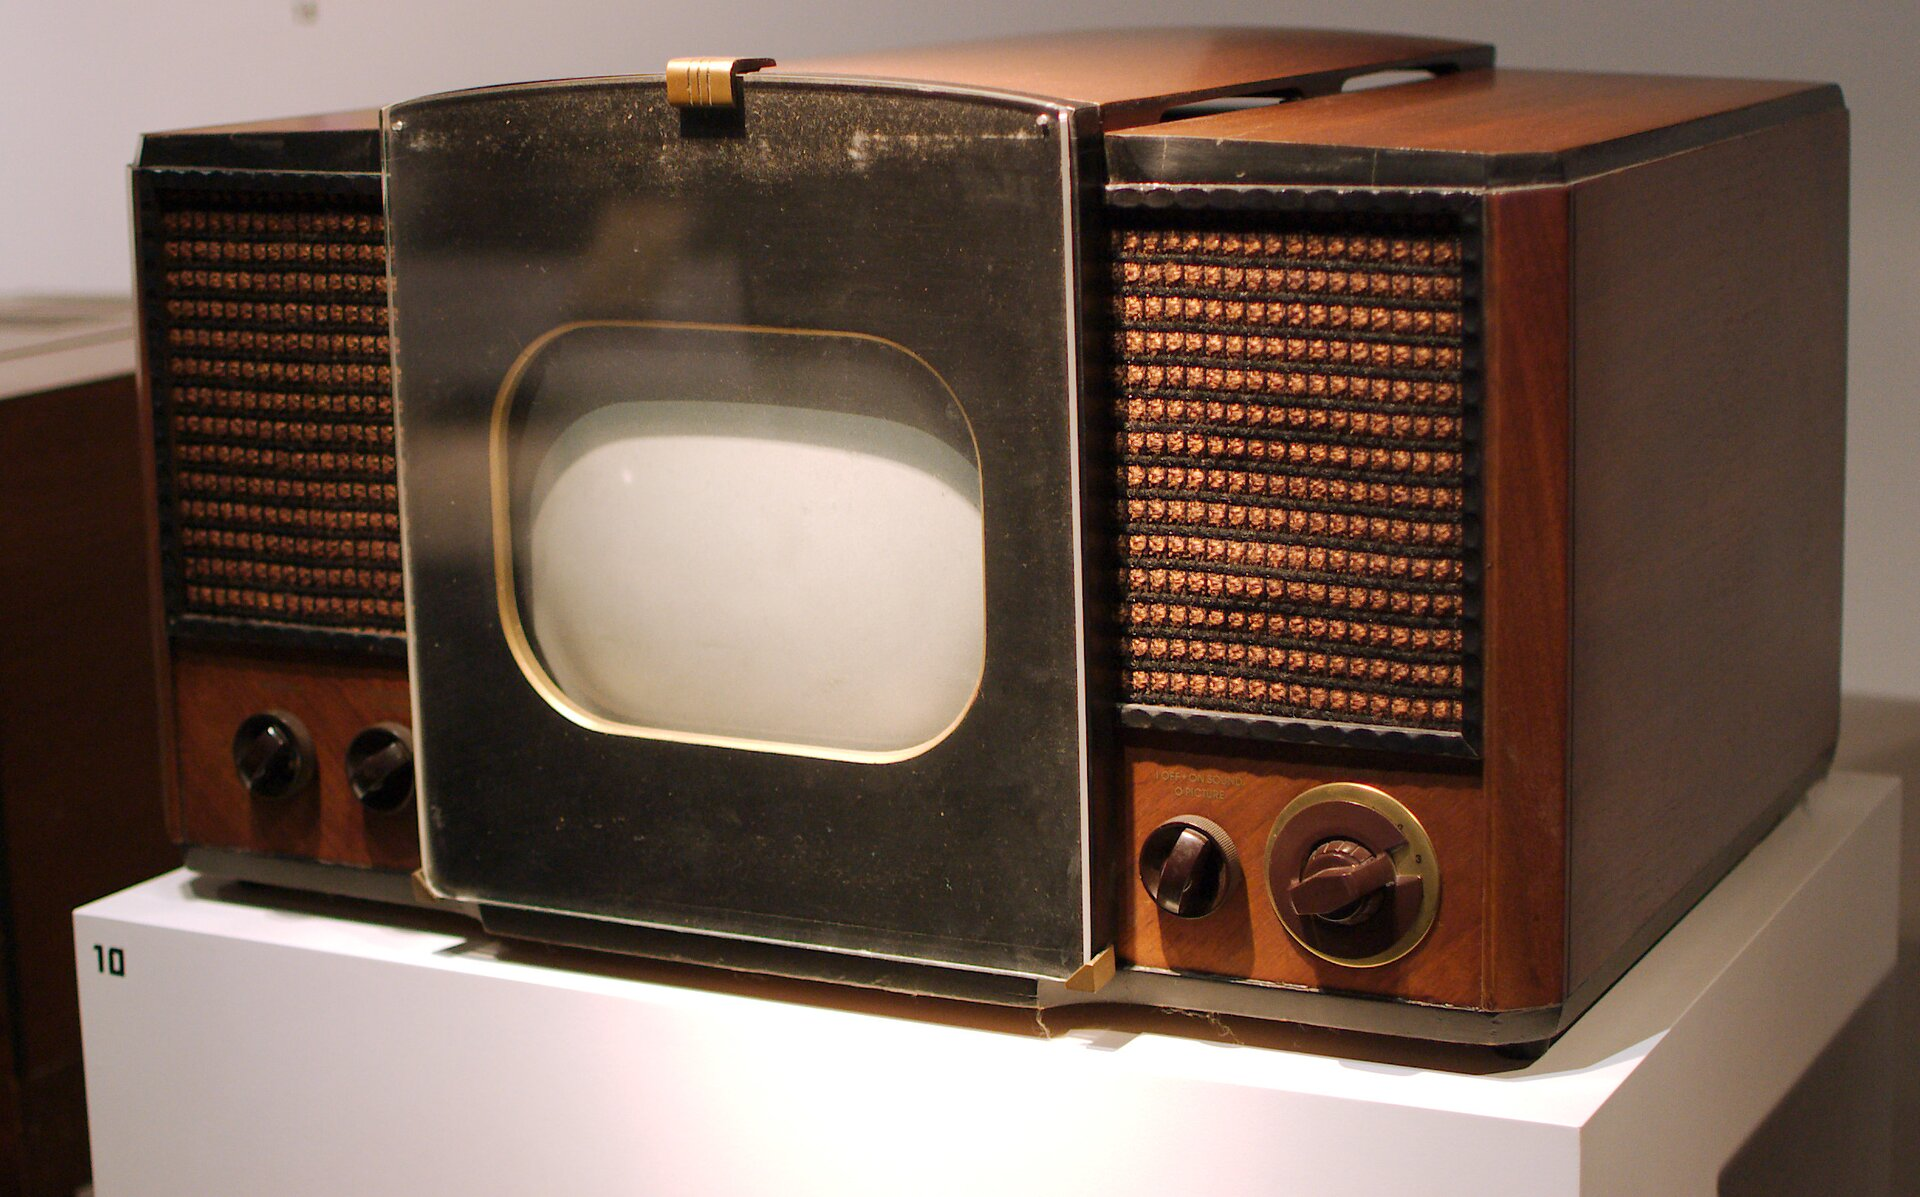 Jeden zpierwszych masowo produkowany telewizorów, sprzedawany w1946 i1947 roku. Źródło: Fletcher6, Jeden zpierwszych masowo produkowany telewizorów, sprzedawany w1946 i1947 roku., licencja: CC BY-SA 3.0.